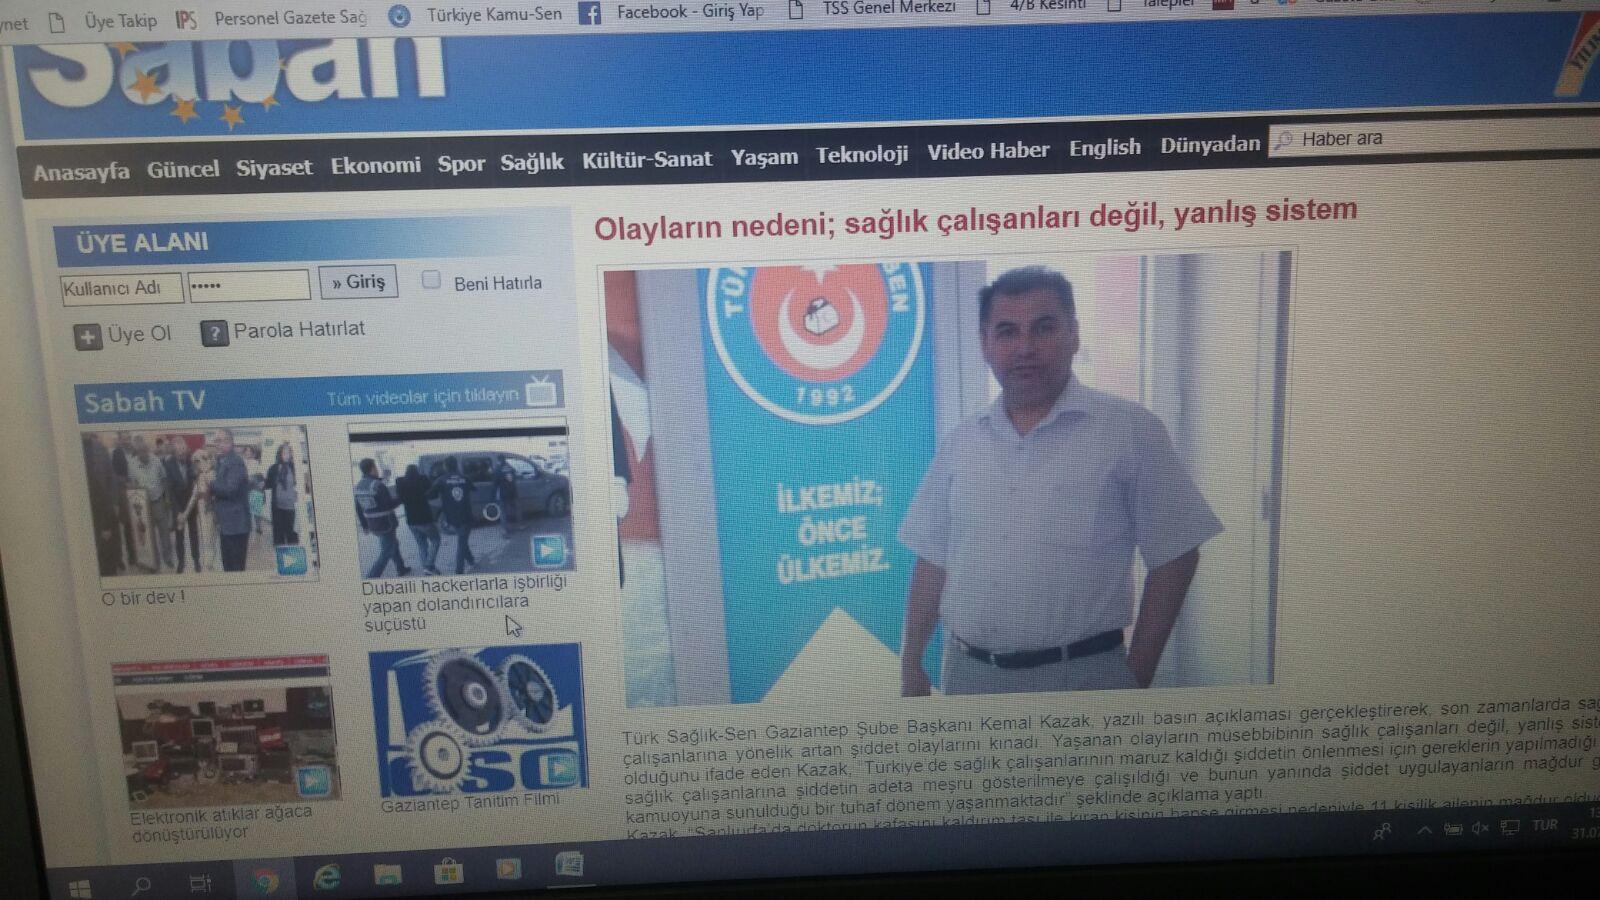 Türk Sağlık-Sen Gaziantep Şube Başkanı Kemal KAZAK, yaptığı açıklamada yaşanan olayların müsebbibi sağlık çalışanları değil, yanlış sistemdir.